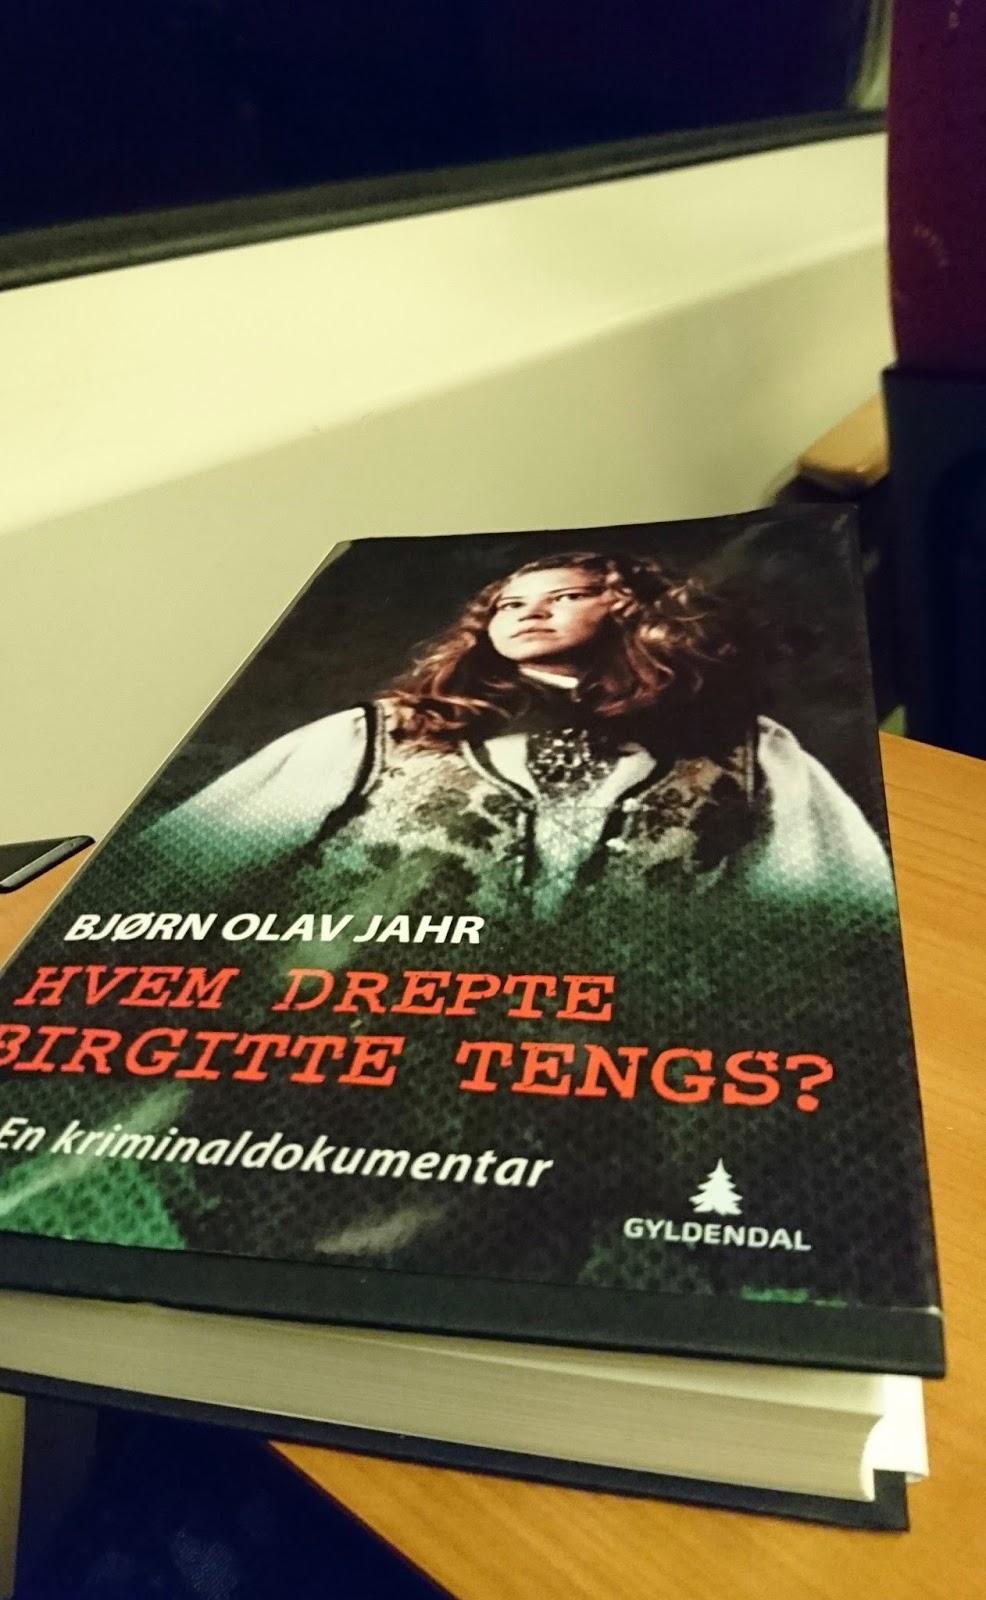 birgitte tengs fetter navn forum